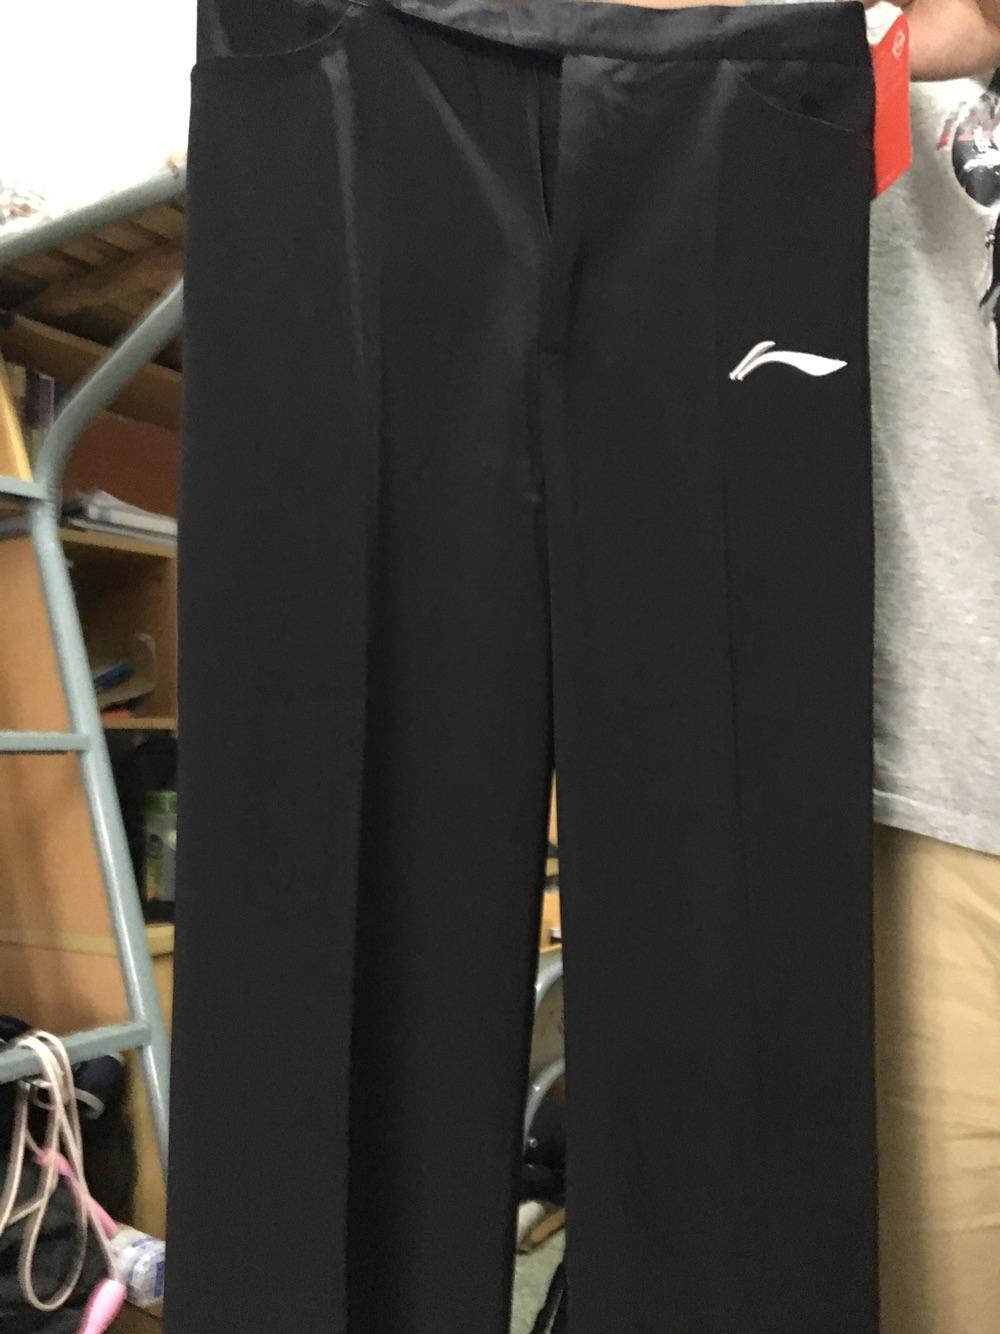 2016CBA баскетбол вырезать приговор одежда баскетбол вырезать приговор костюм вырезать приговор брюки , тонкая модель брюки